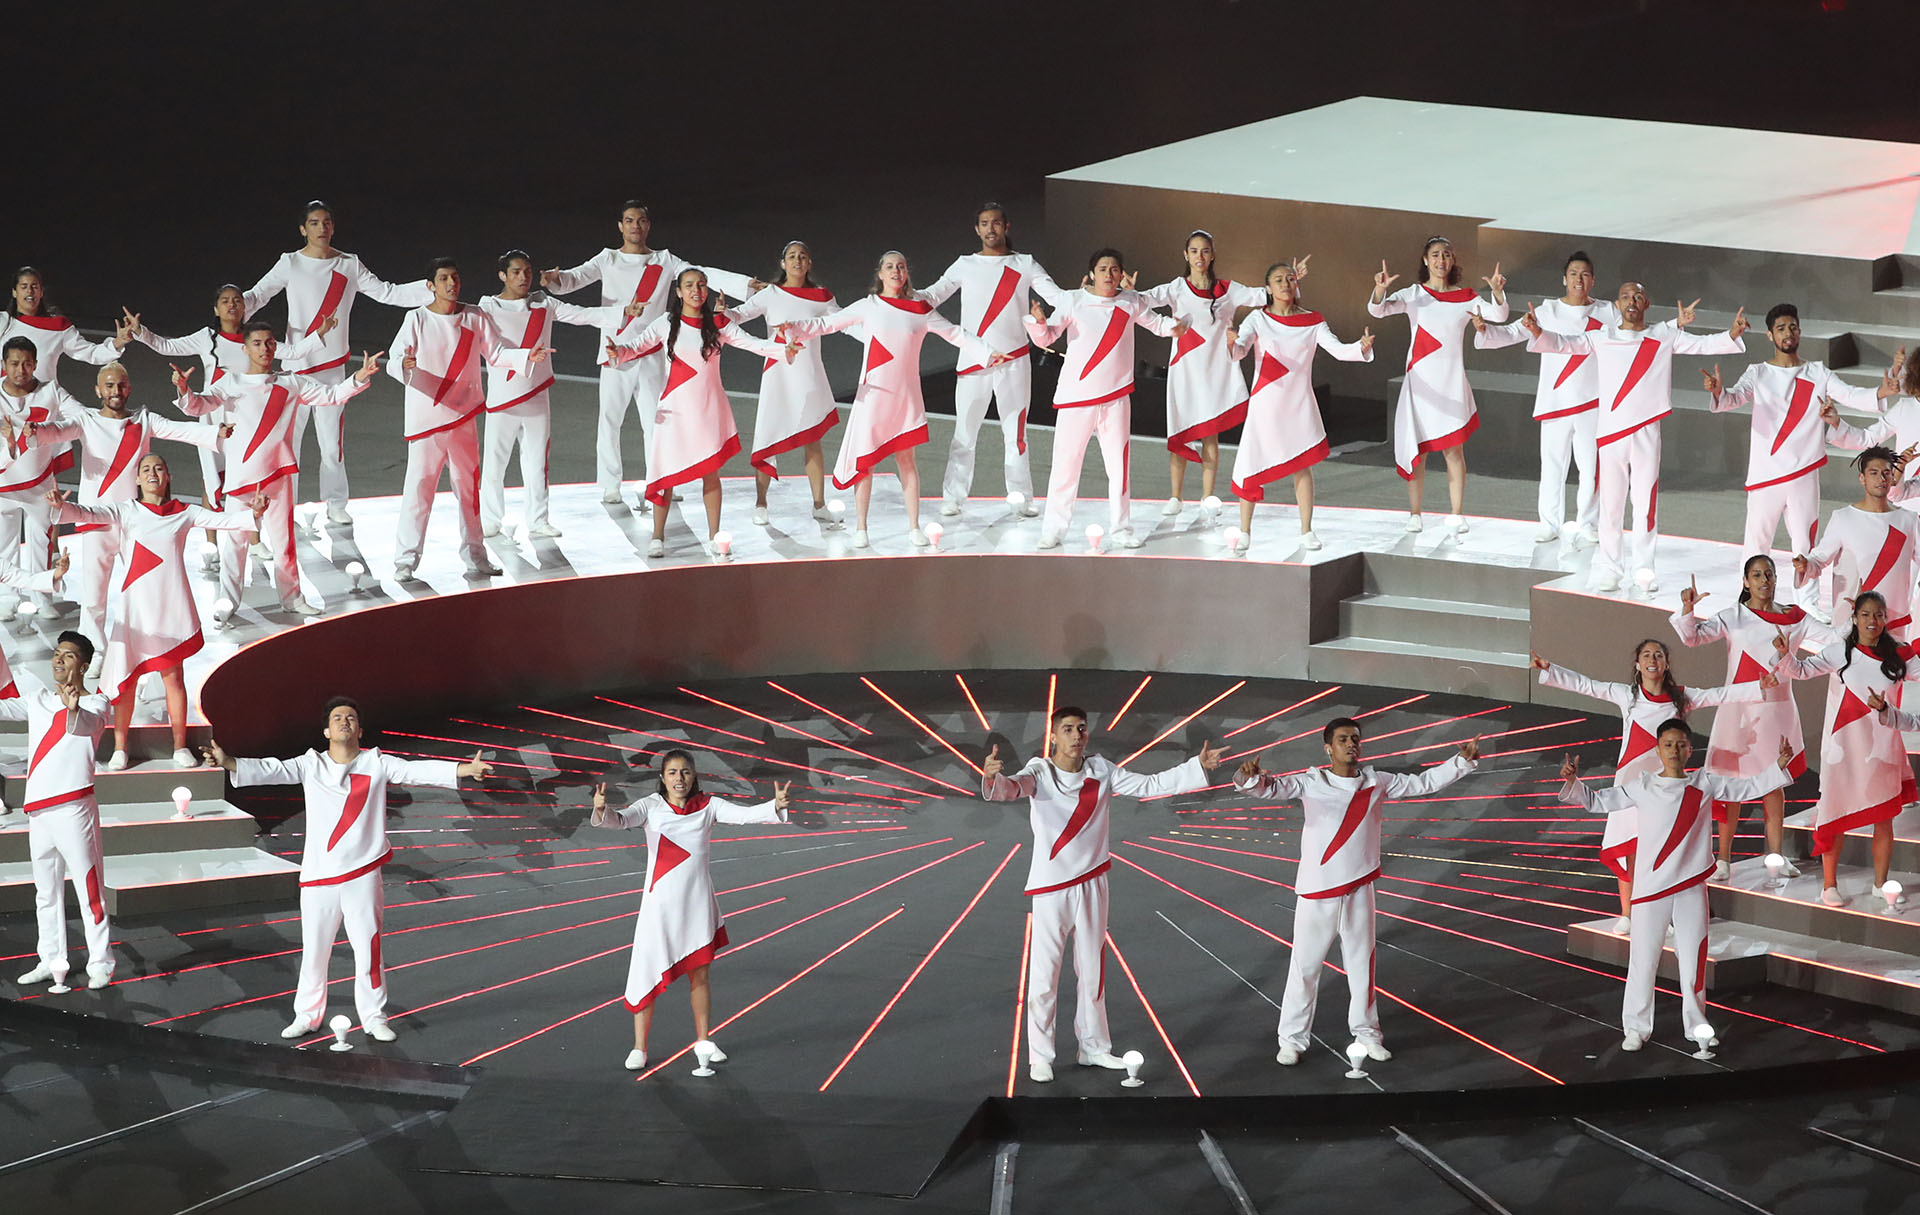 Los colores blanco y rojo se destacaron en la apertura de Lima 2019 (REUTERS/Sergio Moraes)